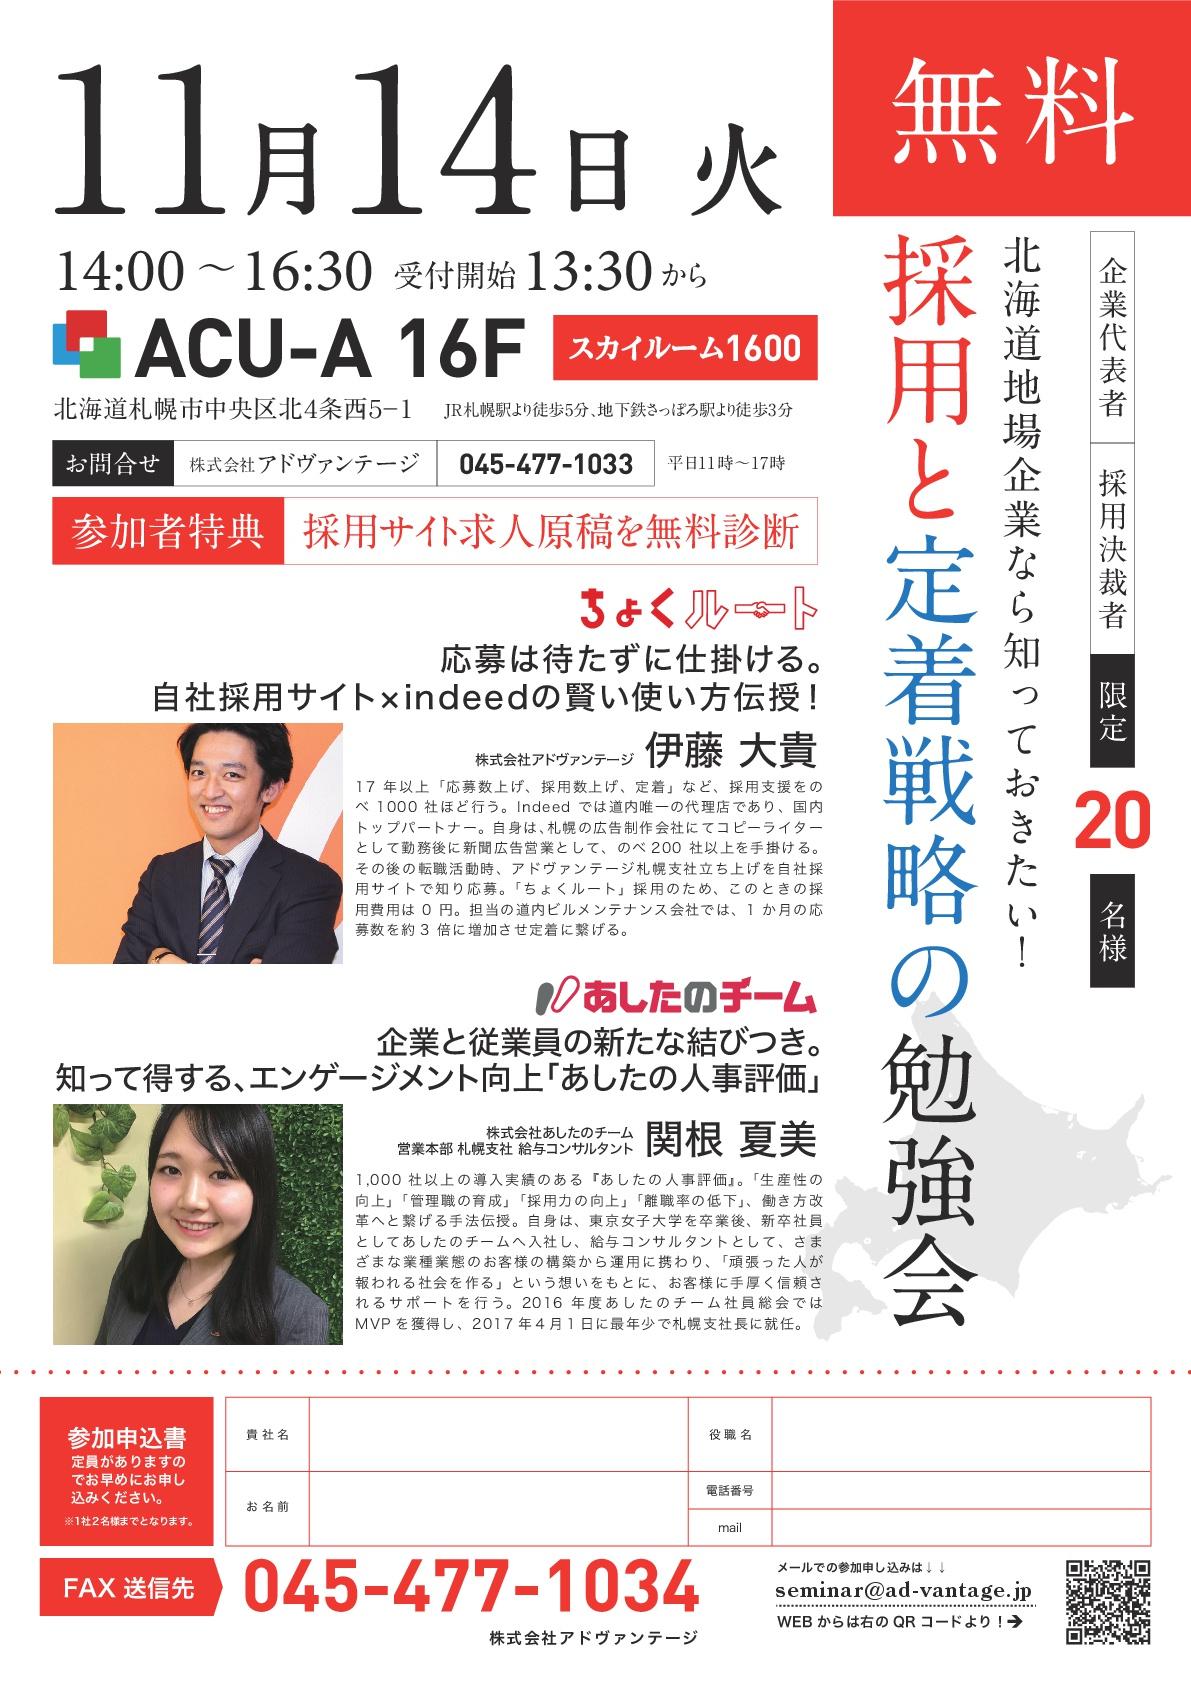 北海道地場企業なら知っておきたい!採用と定着戦略の勉強会